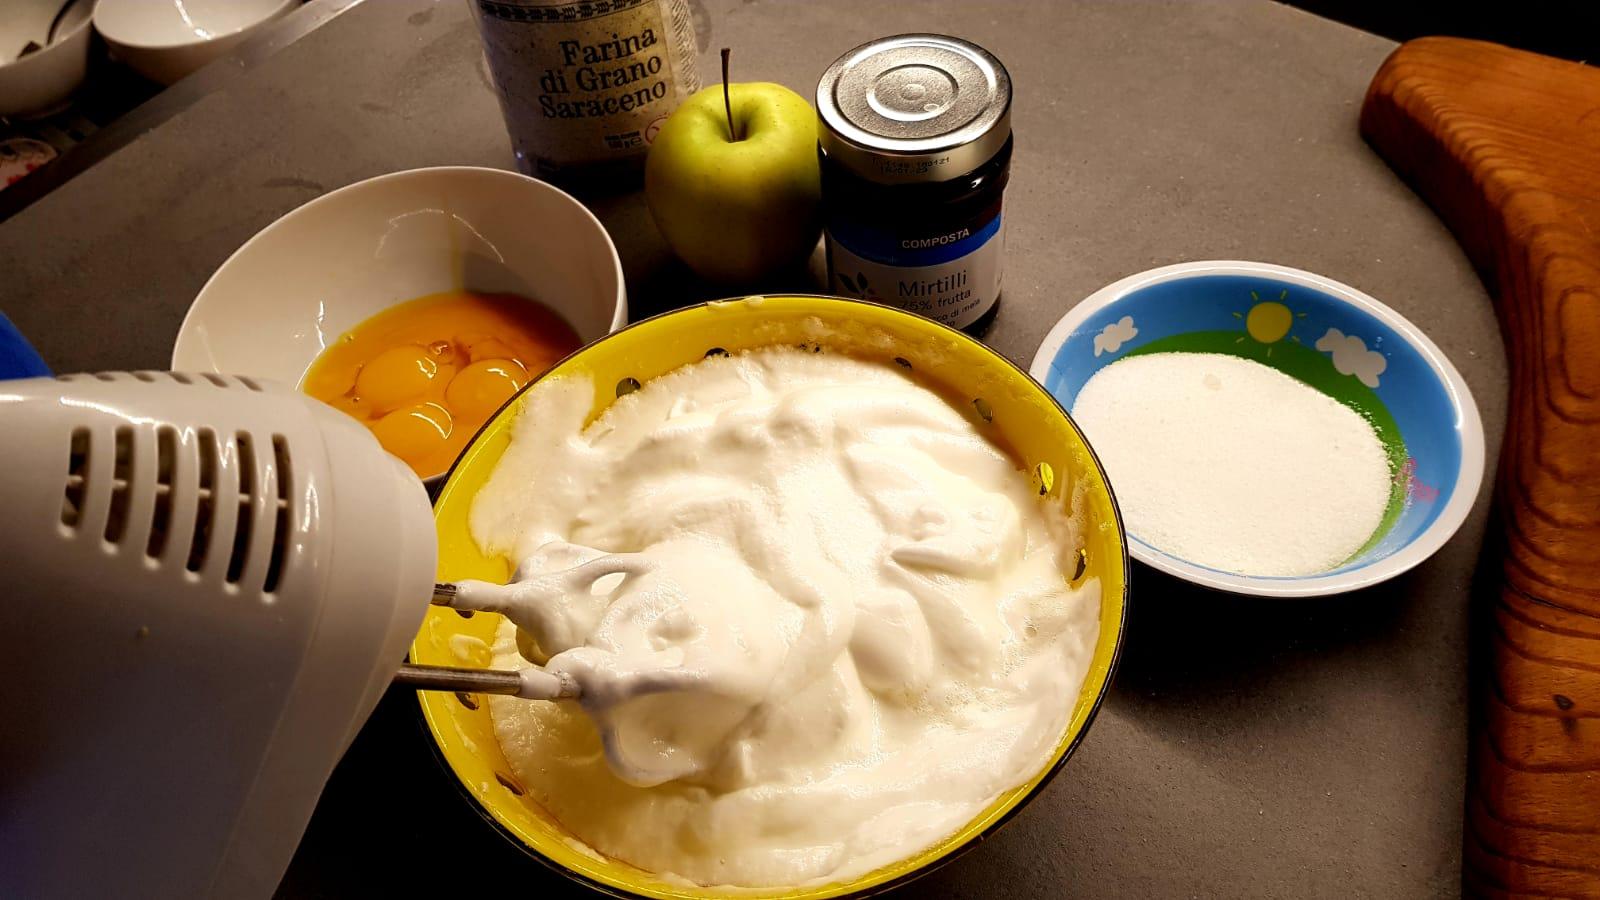 Ingredienti per la torta di grano saraceno e mirtilli di Valtellina